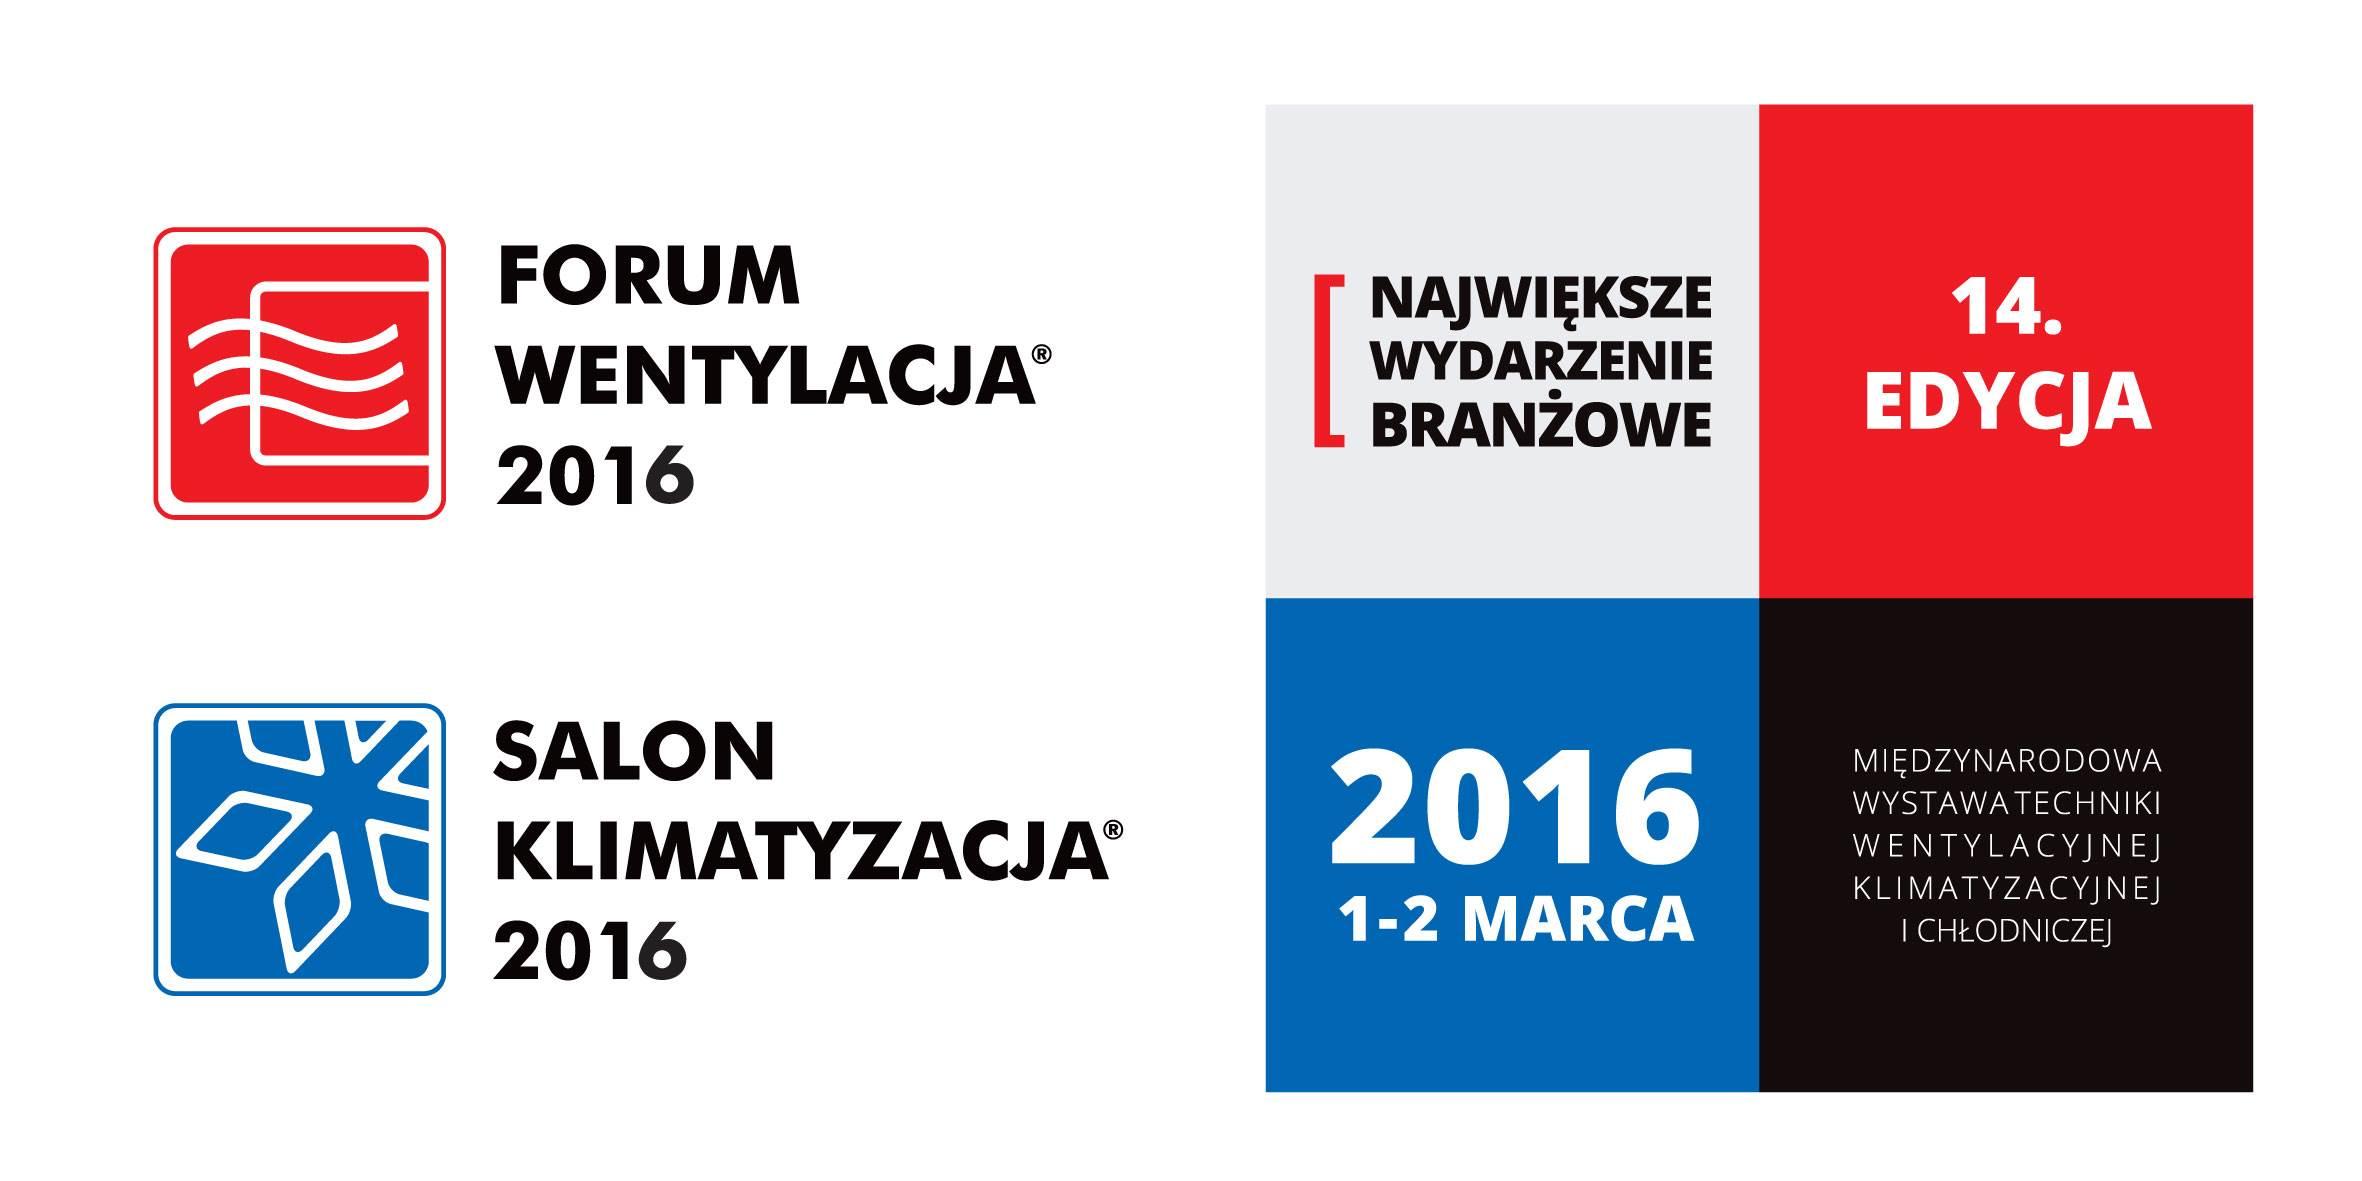 targi forum wentylacja salon klimatyzacja 2016 1 - Targi Forum Wentylacja - Salon Klimatyzacja 2016